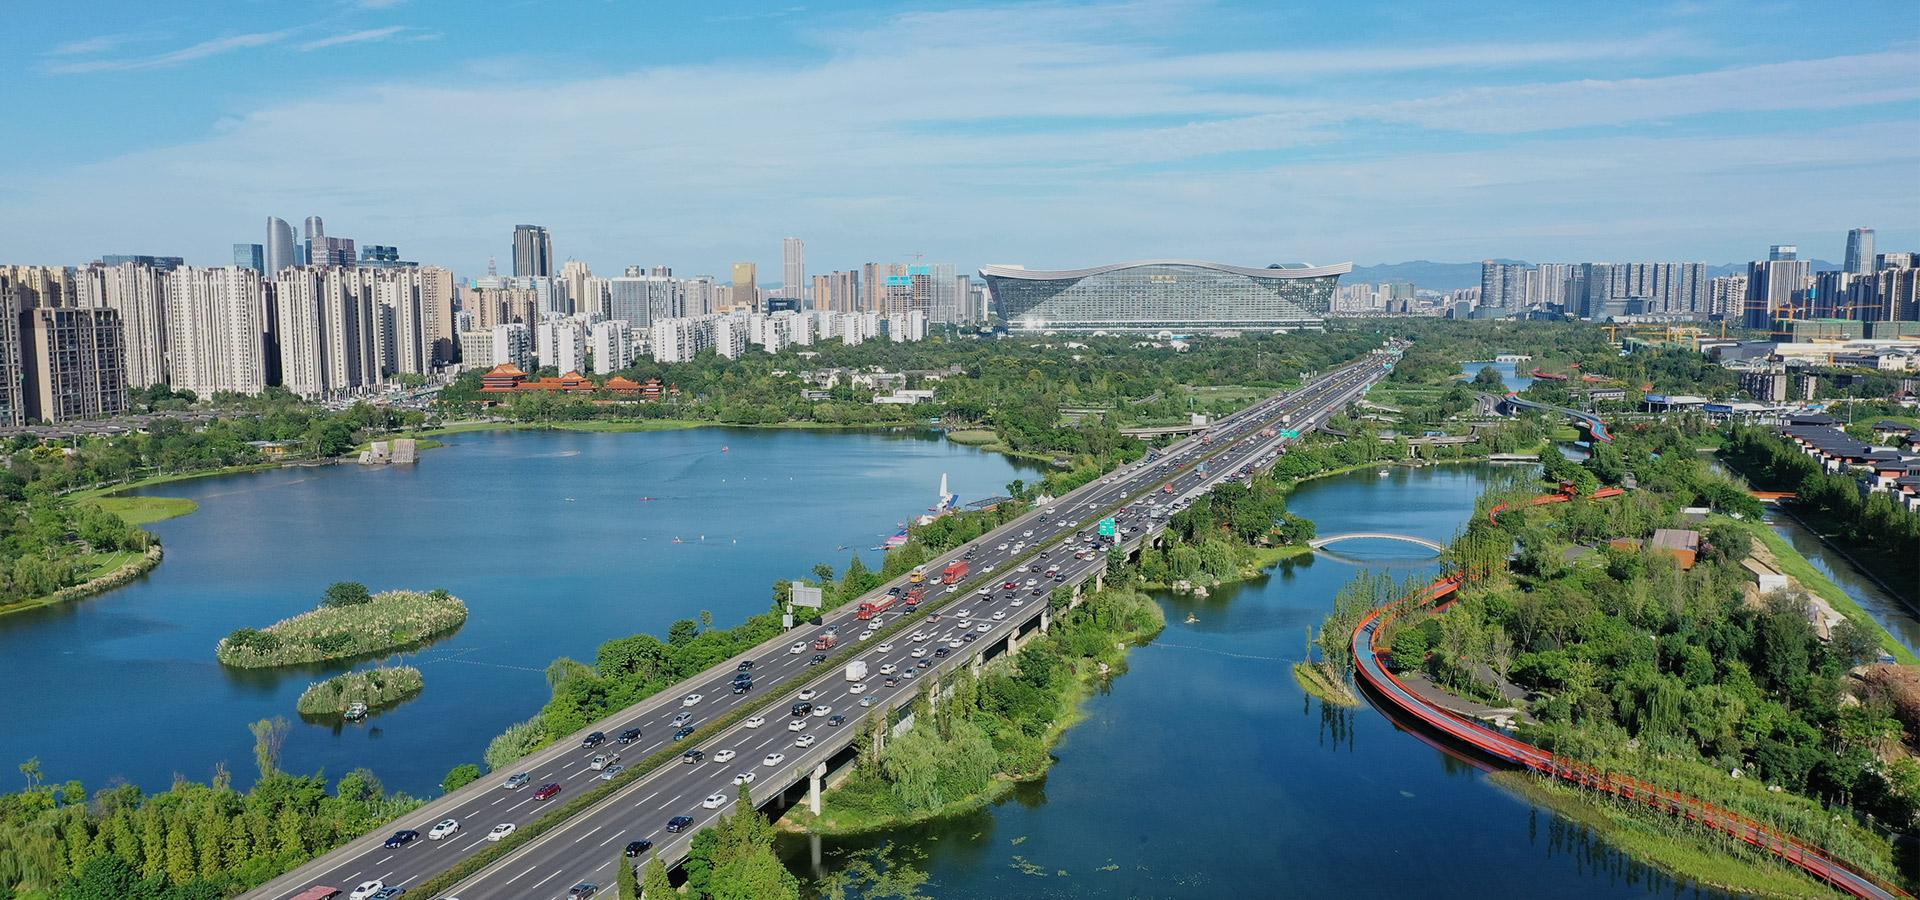 建设践行新发展理念公园城市示范区